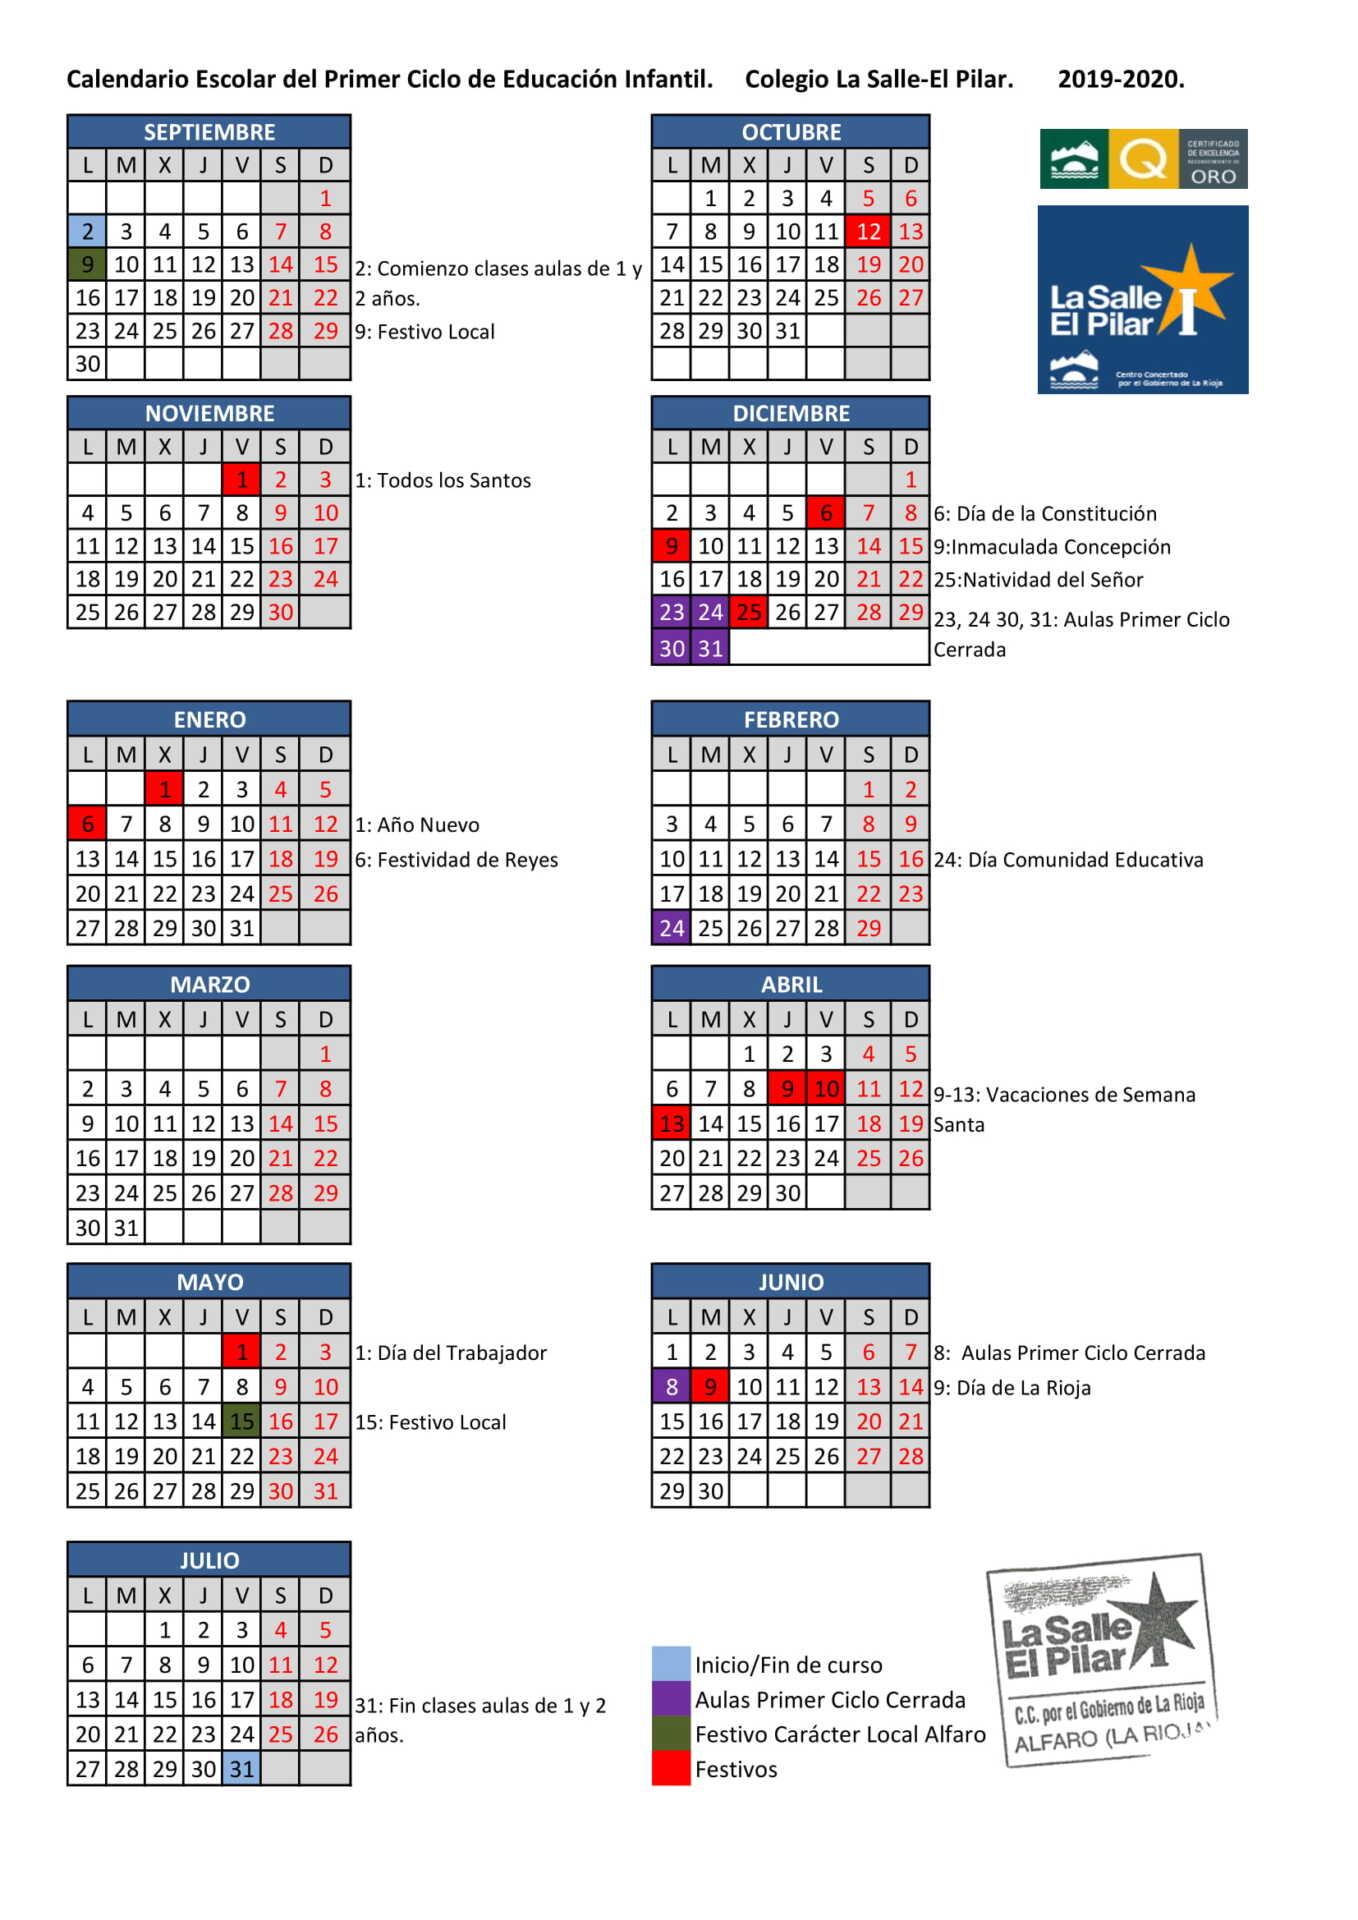 Calendario Escolar Cantabria 2020.Calendario Escolar La Salle El Pilar